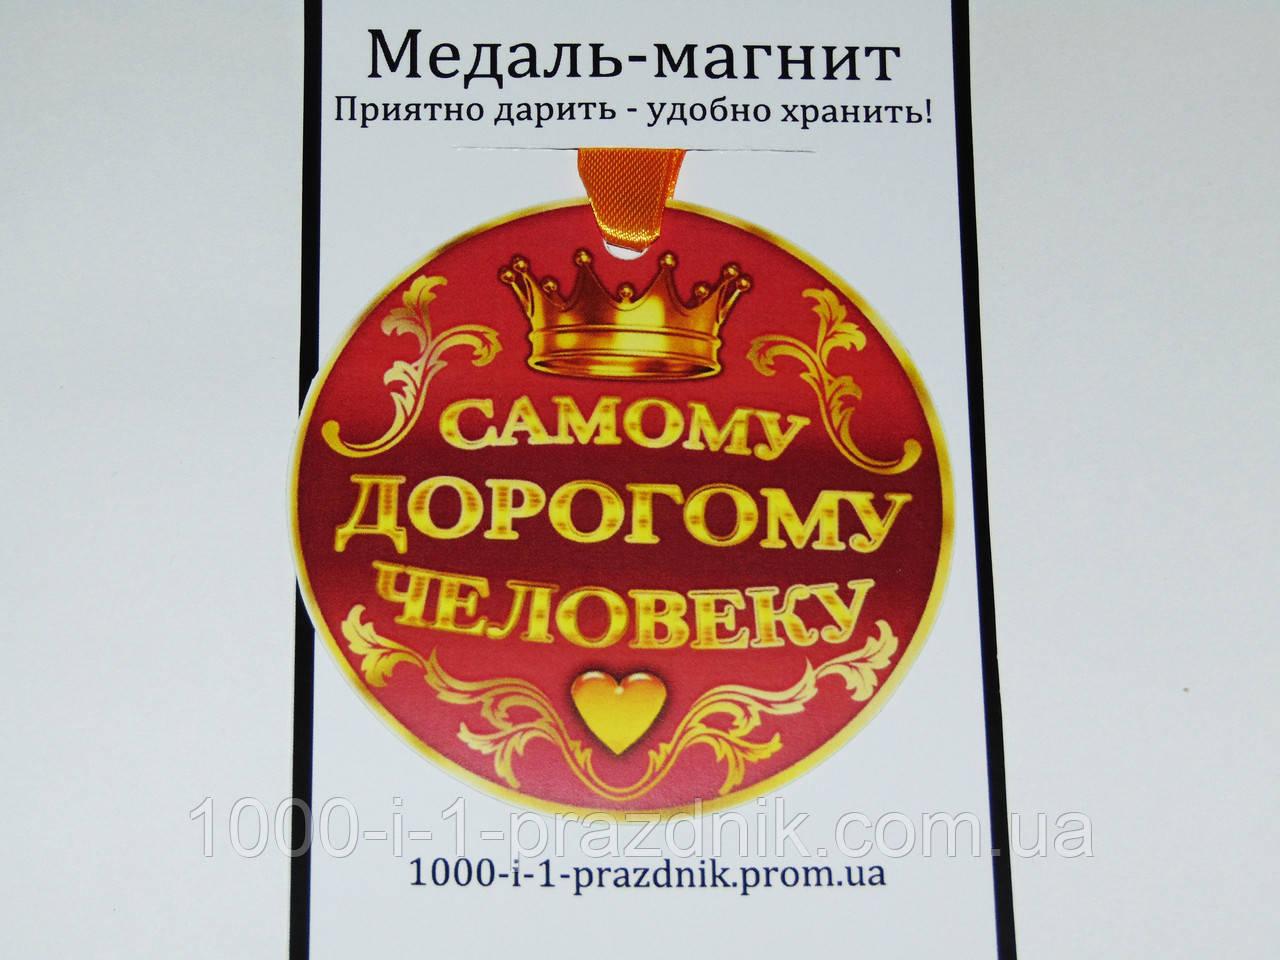 """Медаль-магнит """"Самому дорогому человеку"""""""